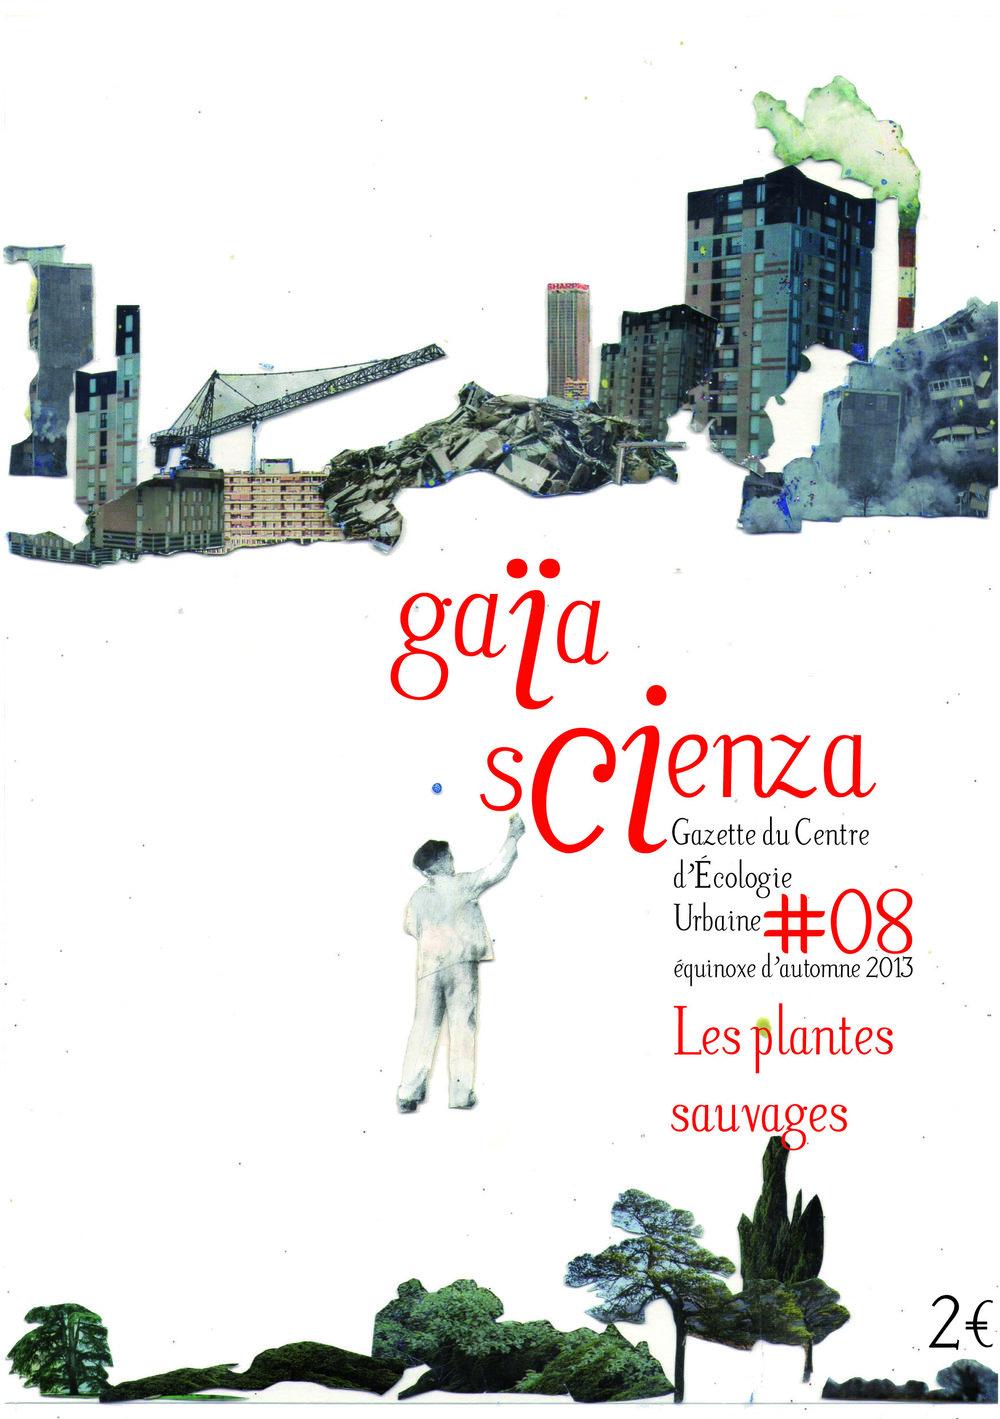 Gaïa Scienza couv 8 copie